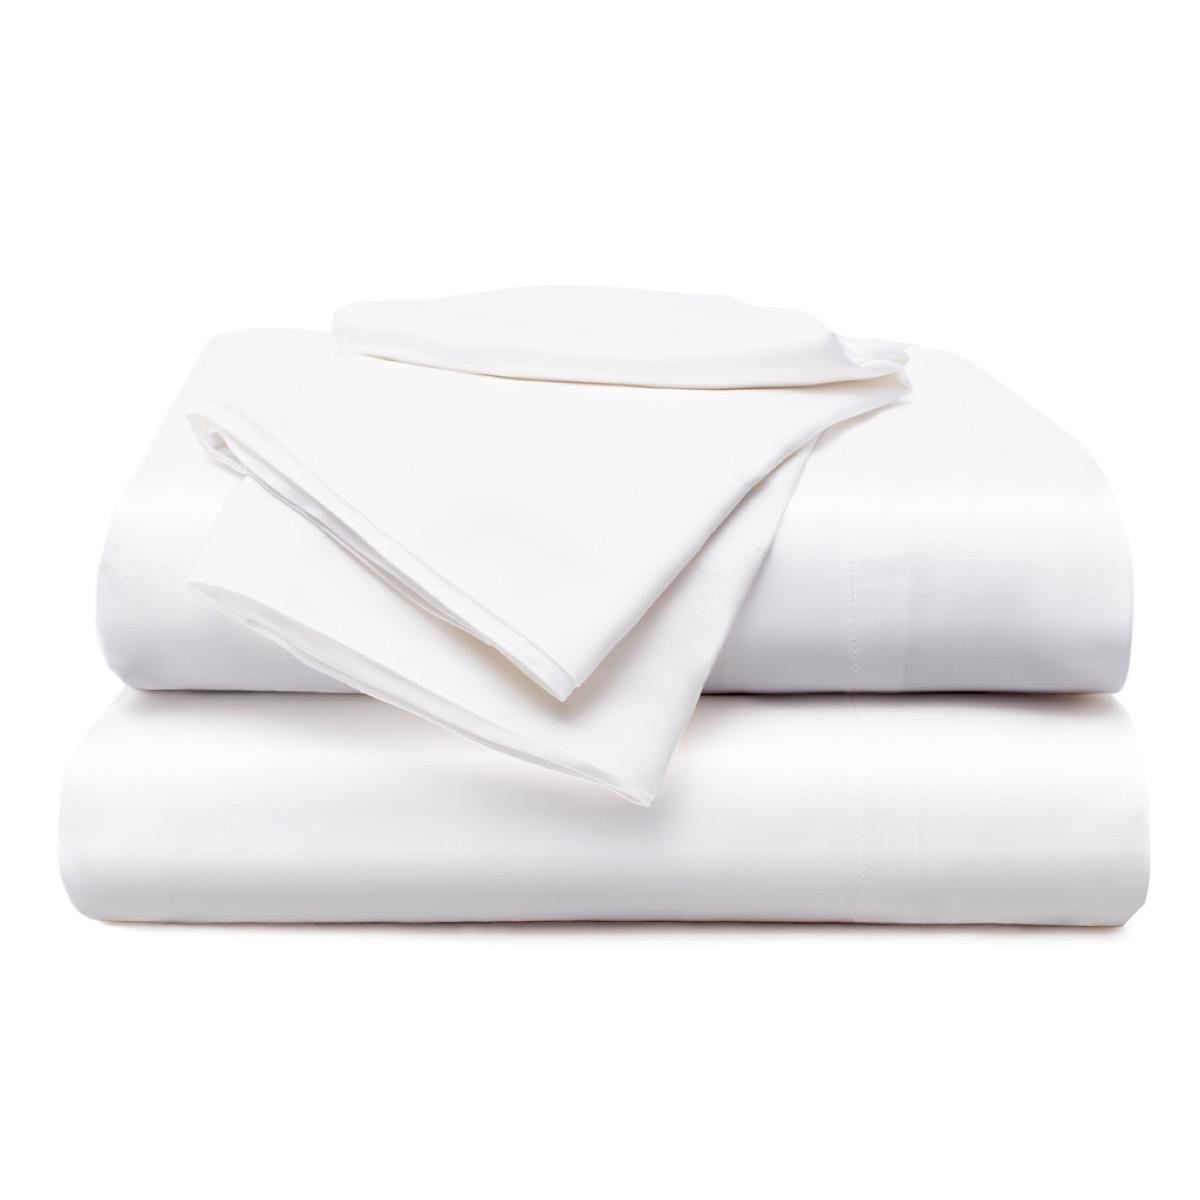 set of white folded sheets on white background